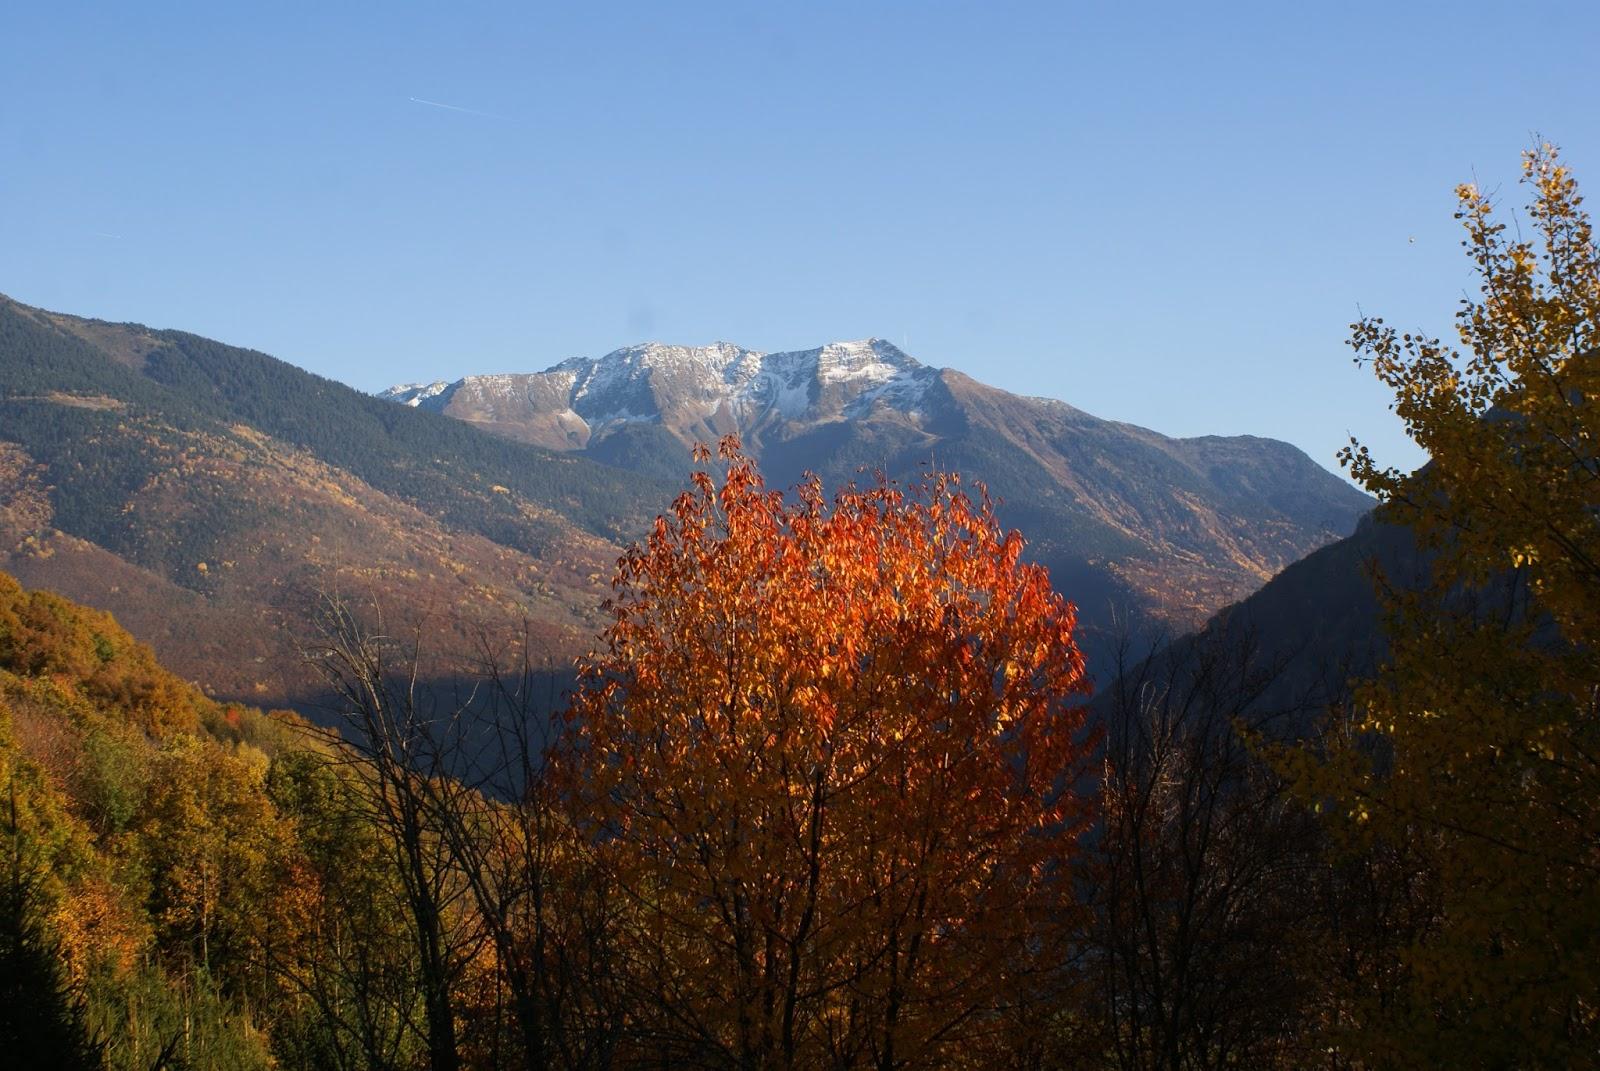 automne savoie feuilles nature vue montagne